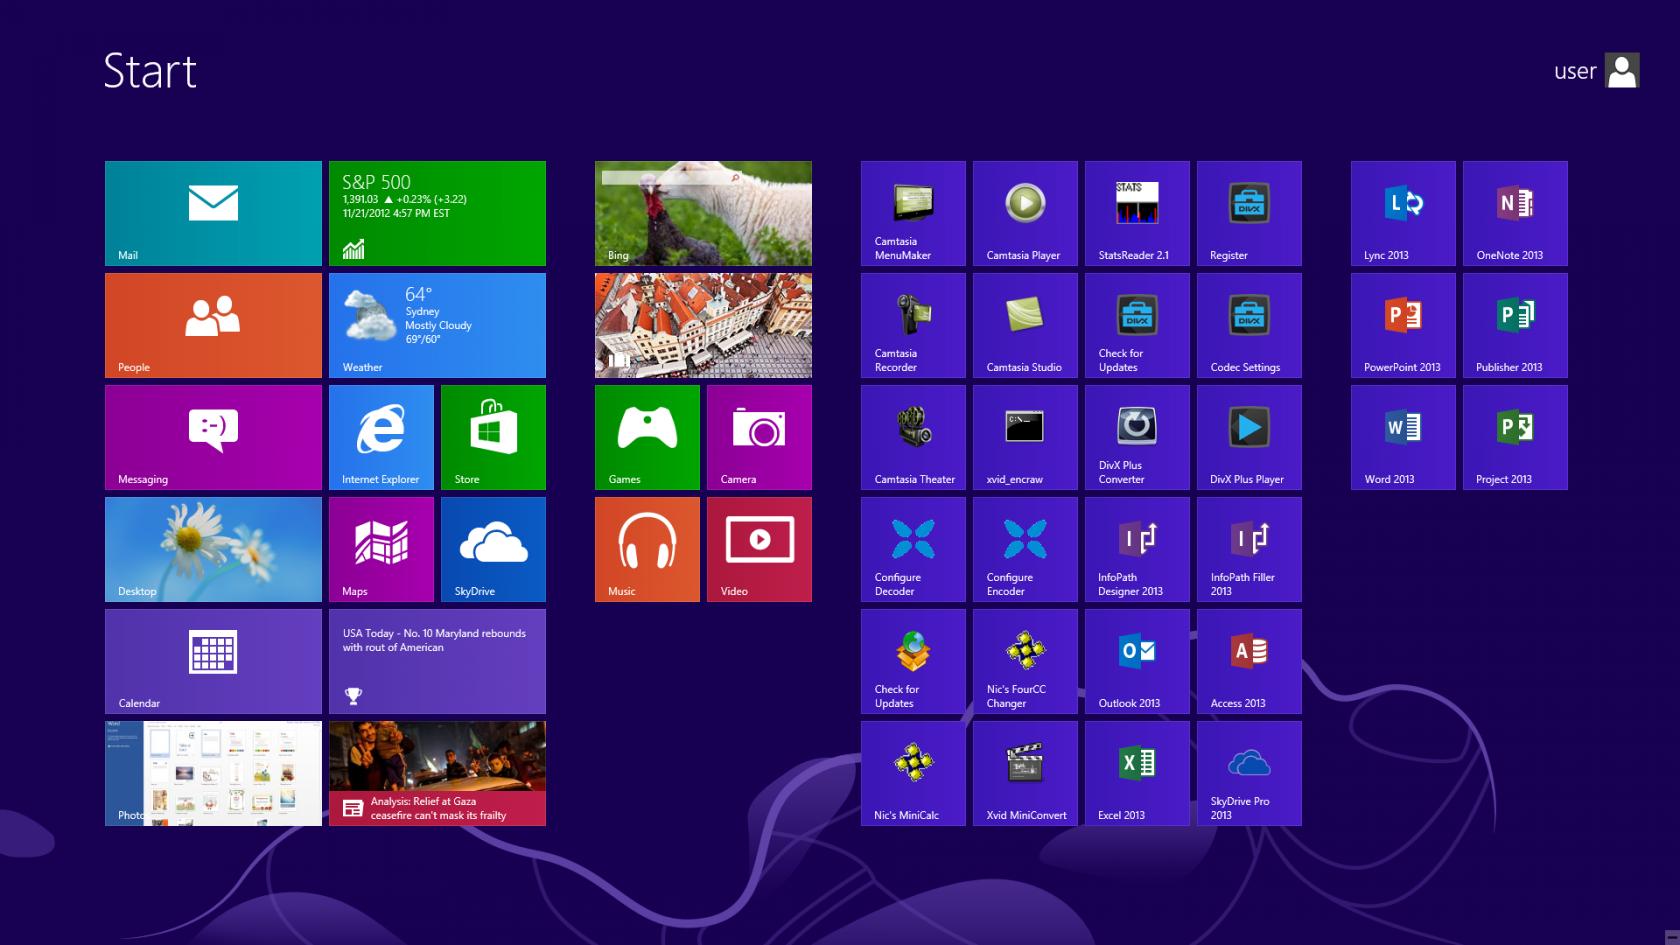 windows server 2012 enterprise edition download iso torrent